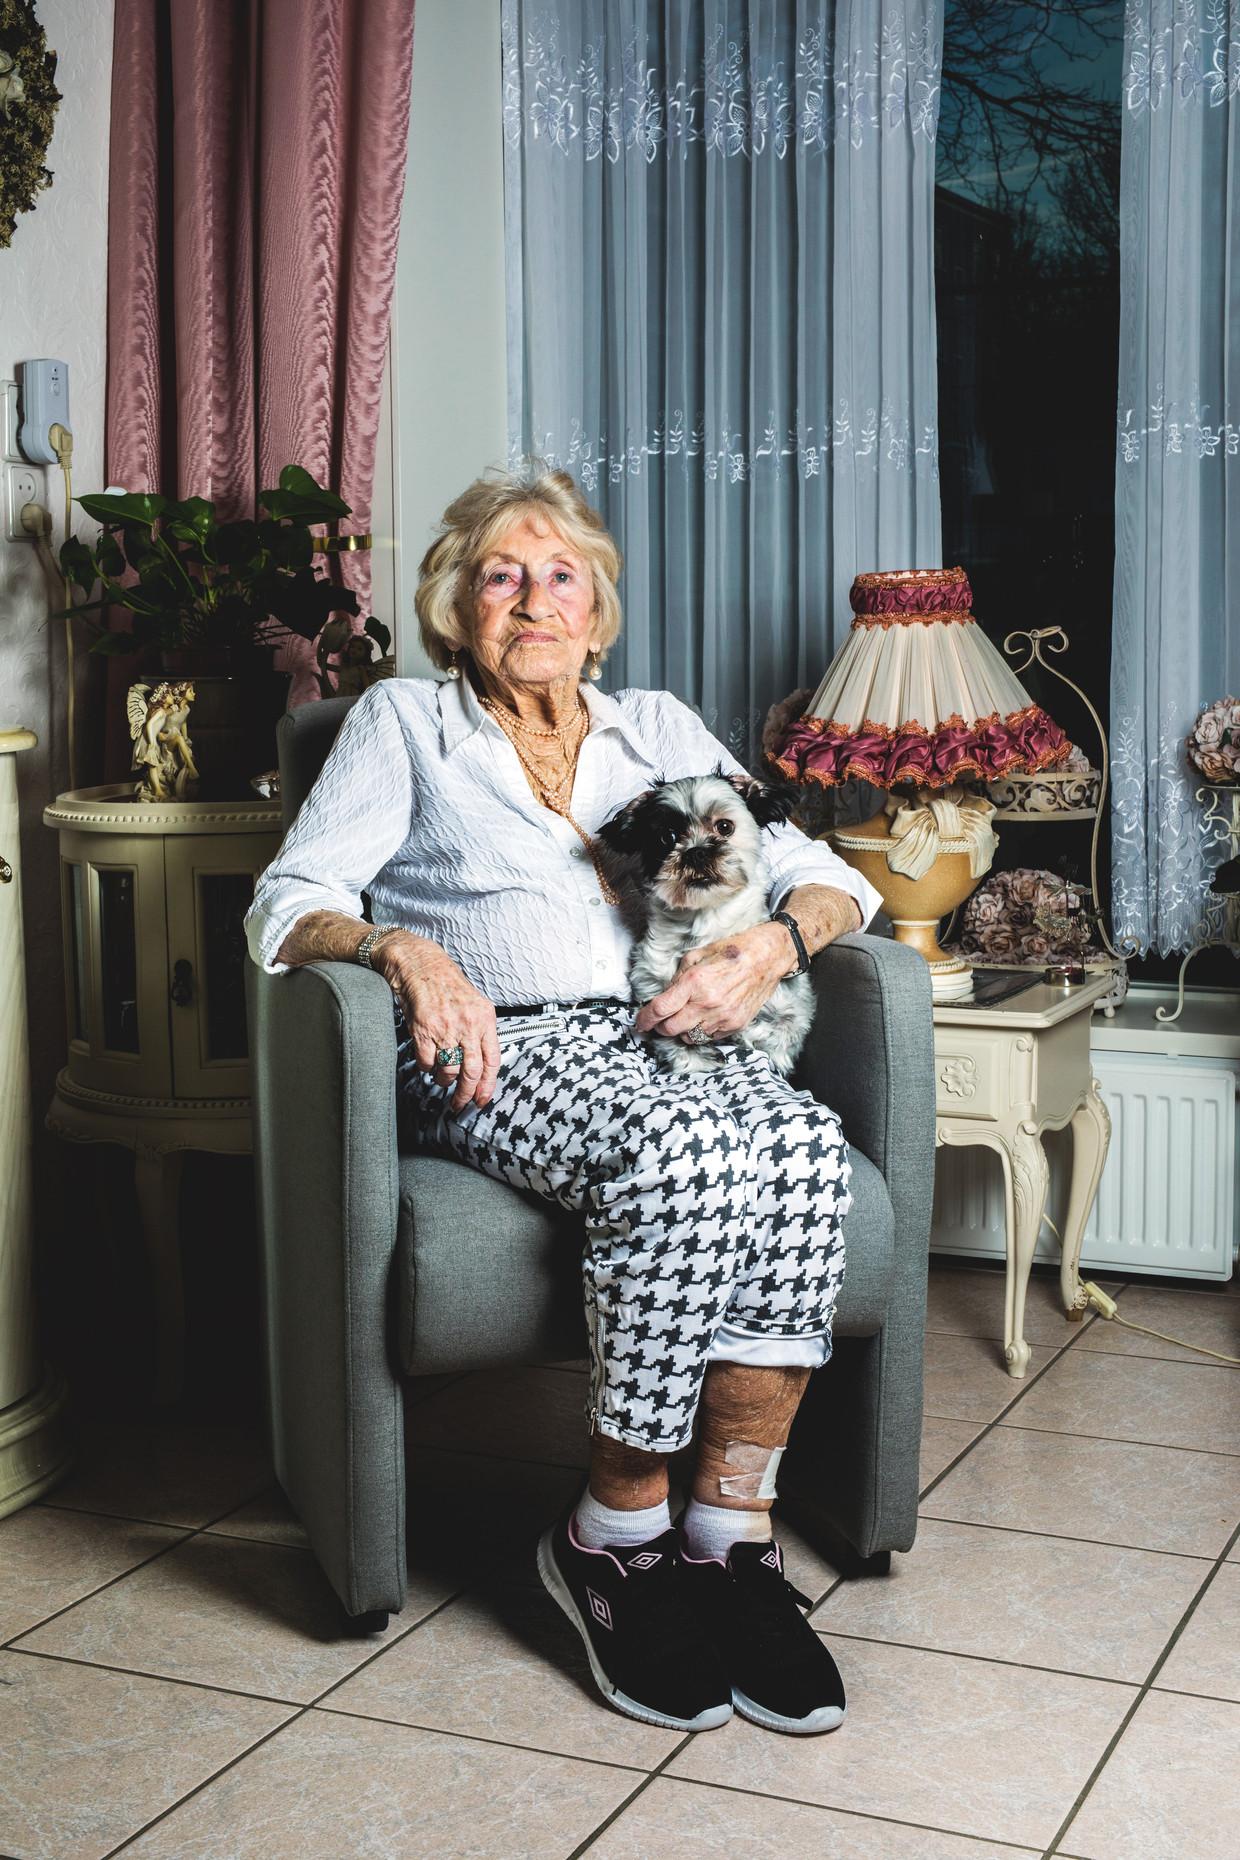 Femma Fleijsman: 'Mijn moeder vroeg me wel wat er gebeurd was, maar dan dacht ik steeds aan mijn broertje Joseph.' Beeld Marleen Kuipers